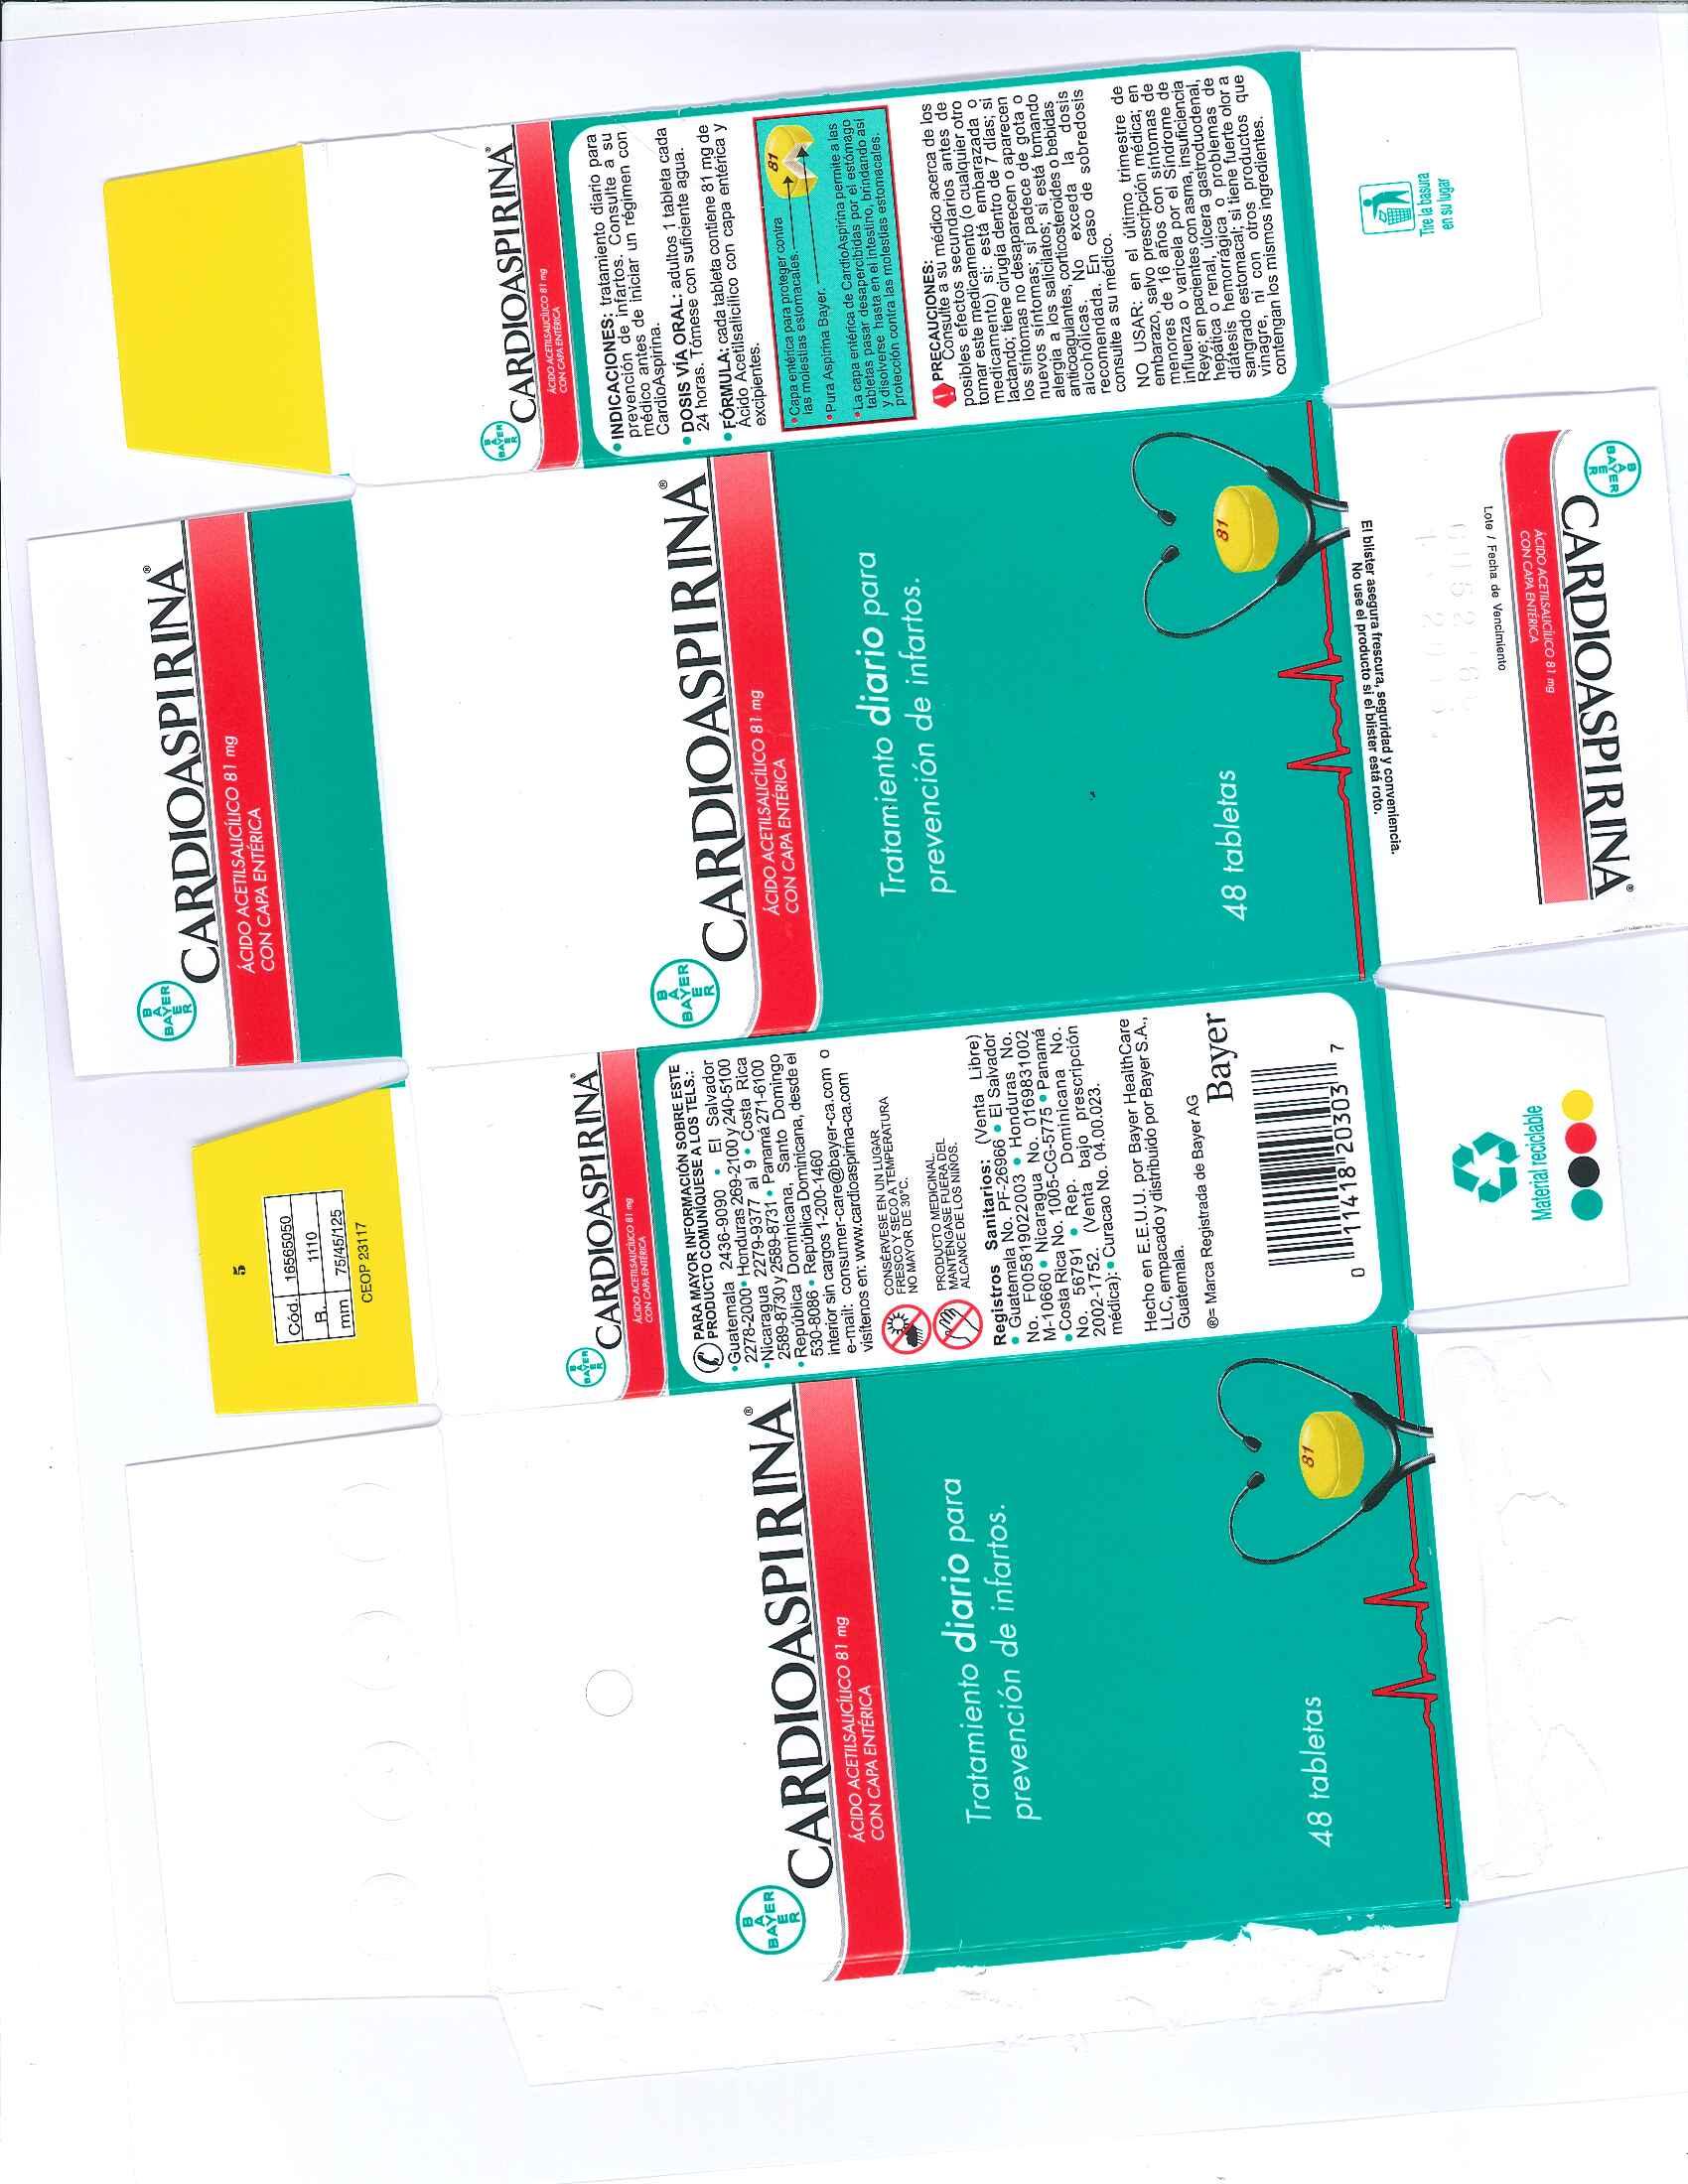 Cardiospirina 81 Mg Tabletas Con Cubierta Enterica while Breastfeeding